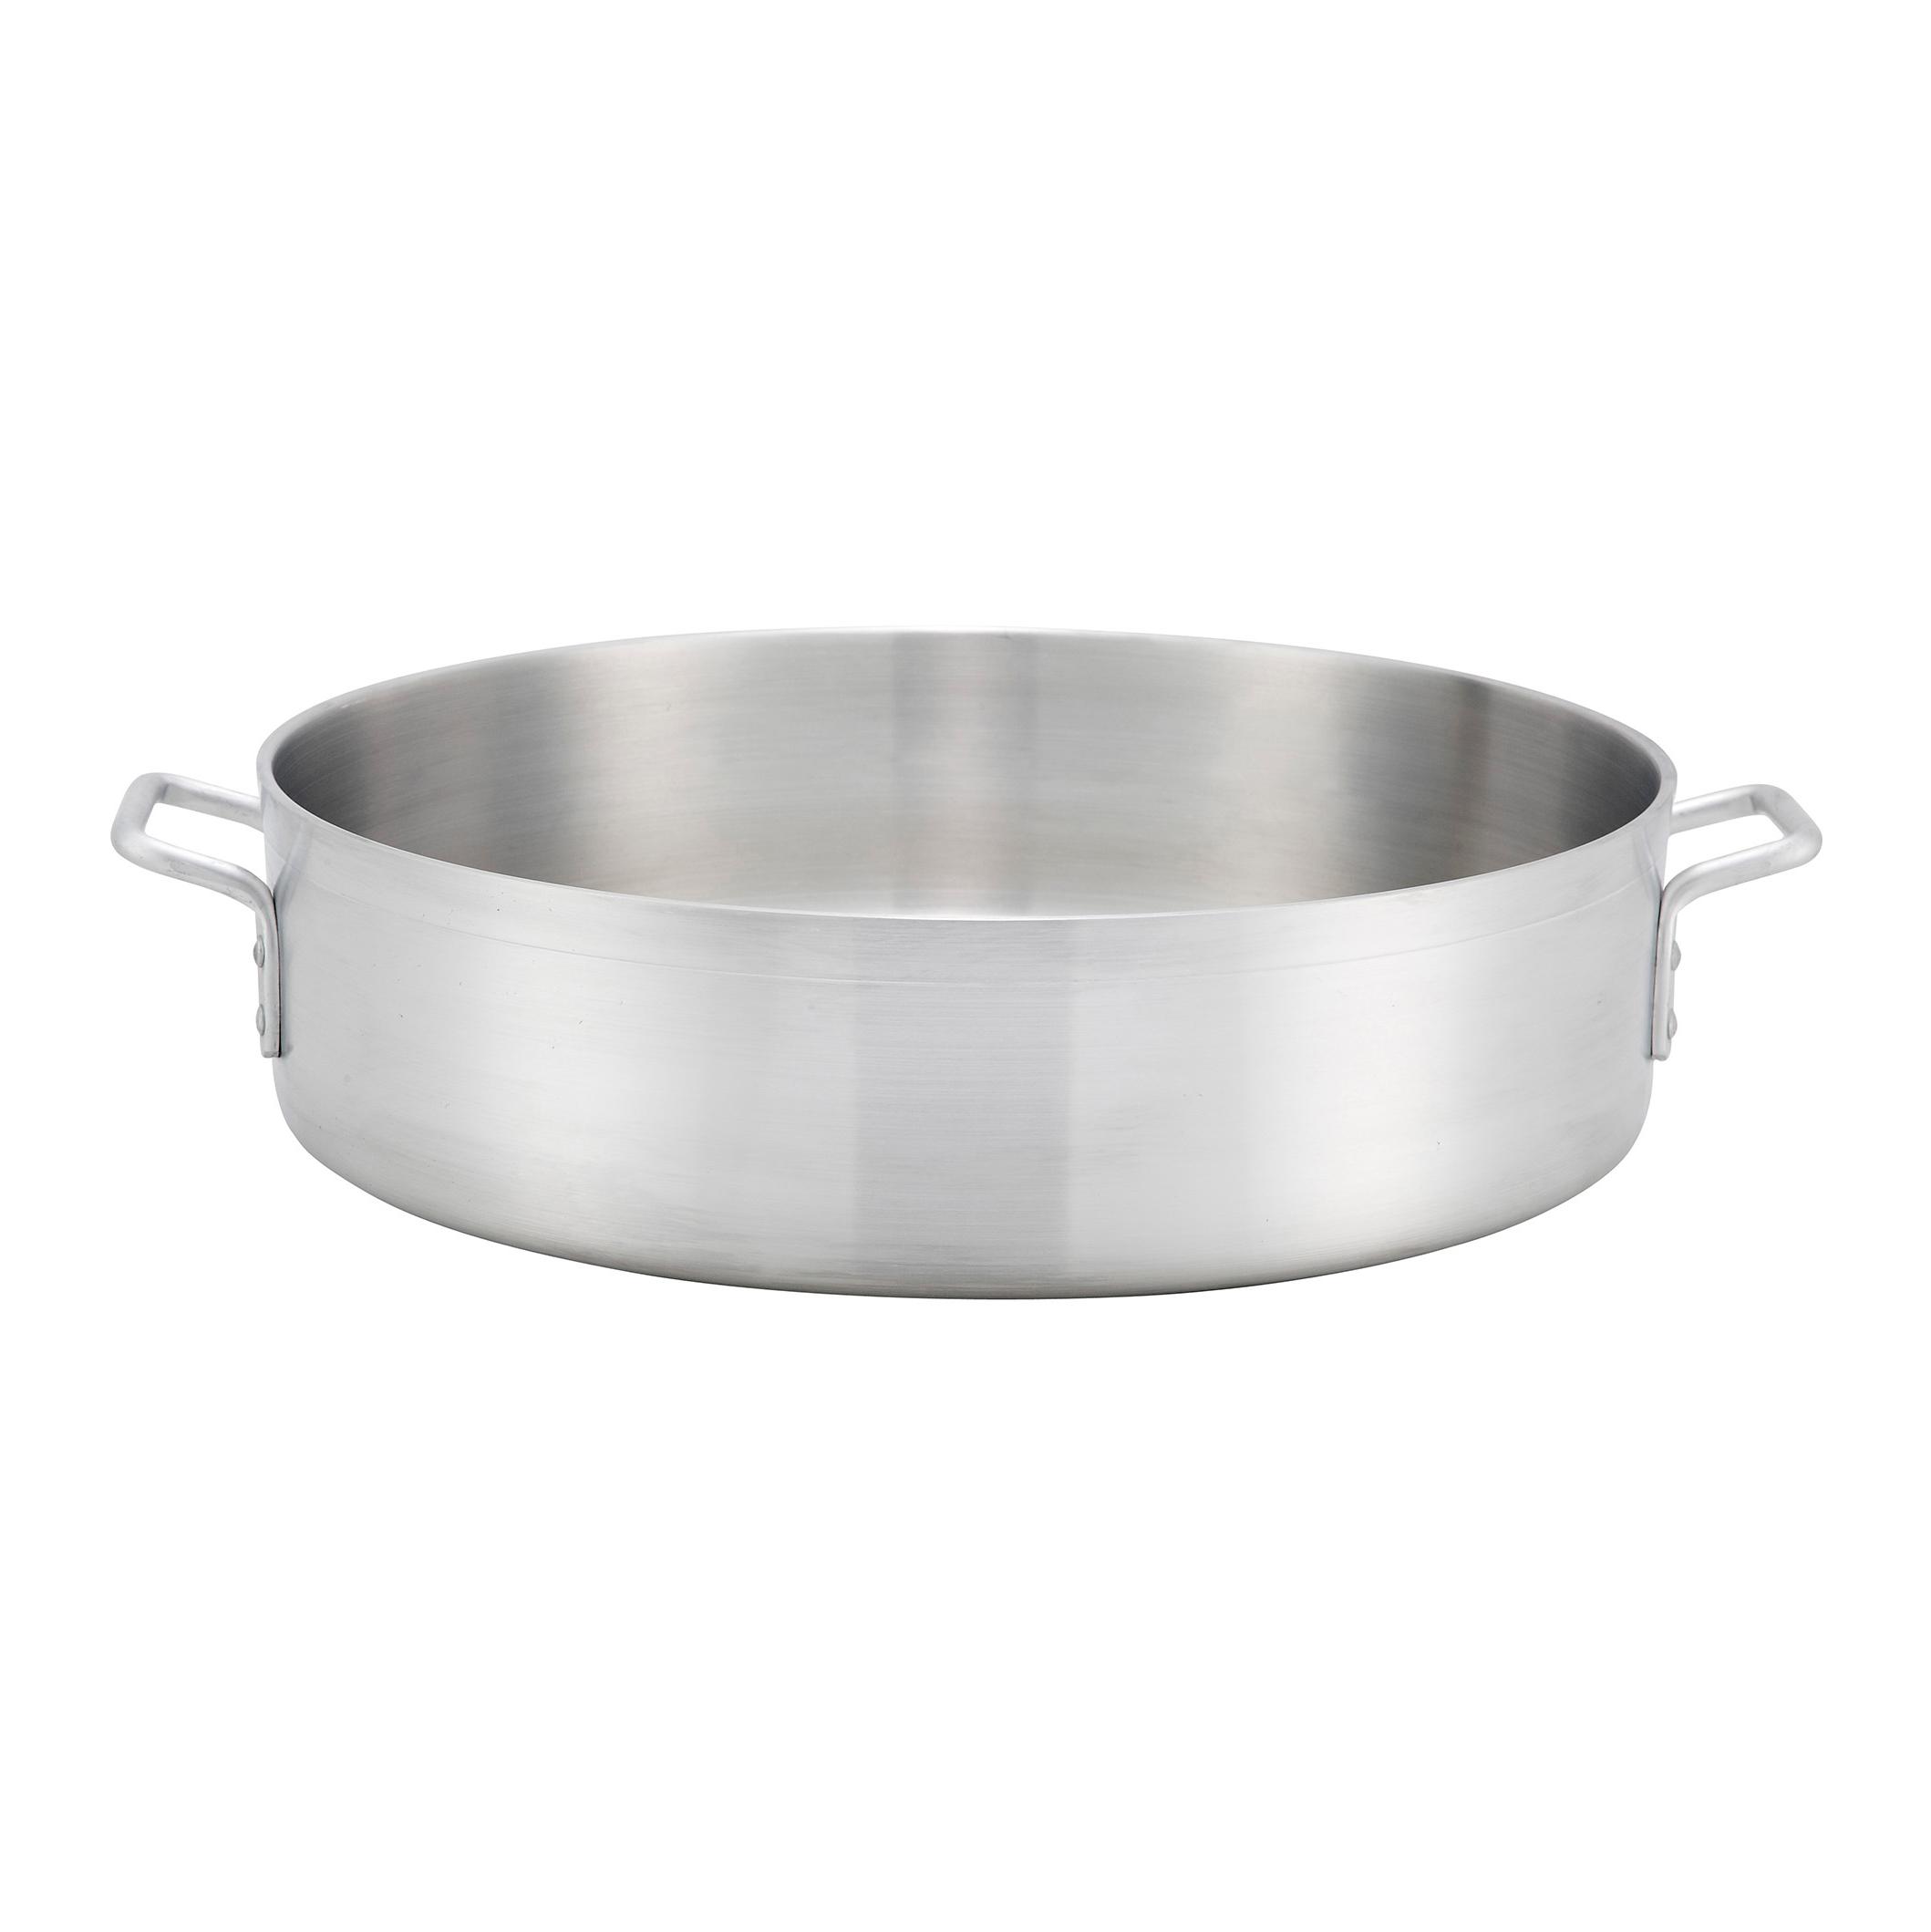 Winco ALBH-35 brazier pan